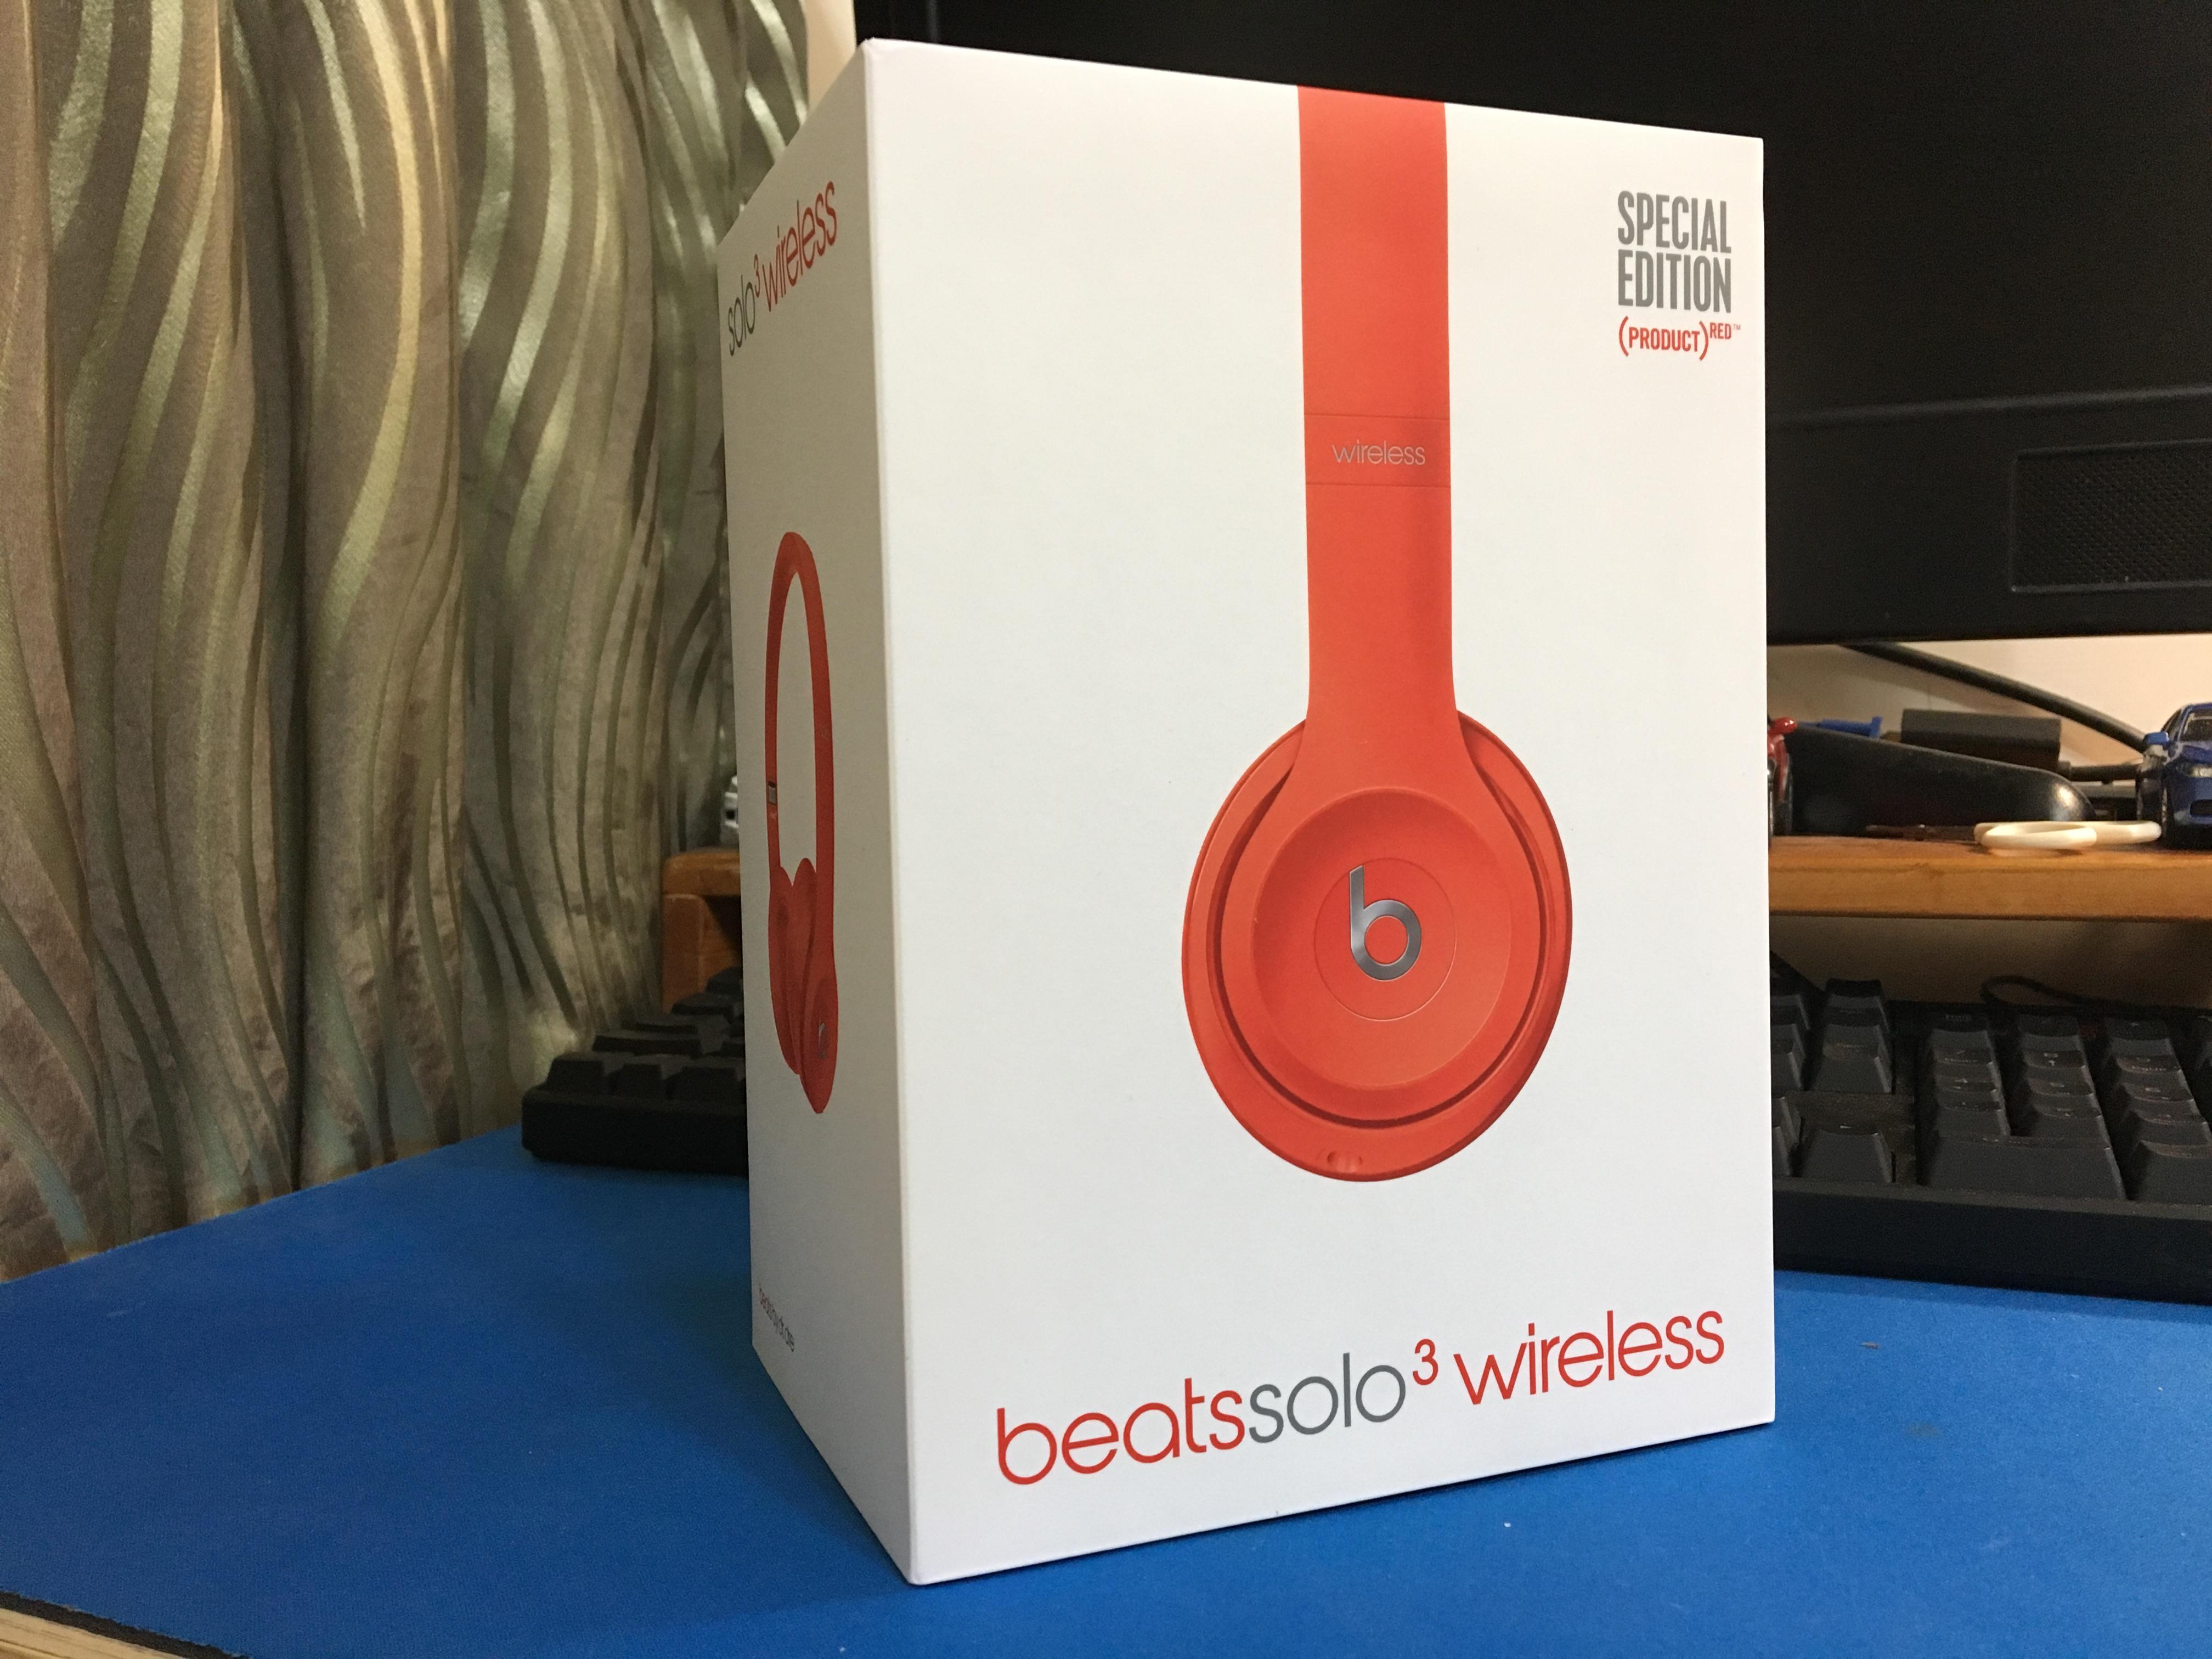 【耳機】Beats solo3 wireless 開箱&簡評 – AZW 數位情報站